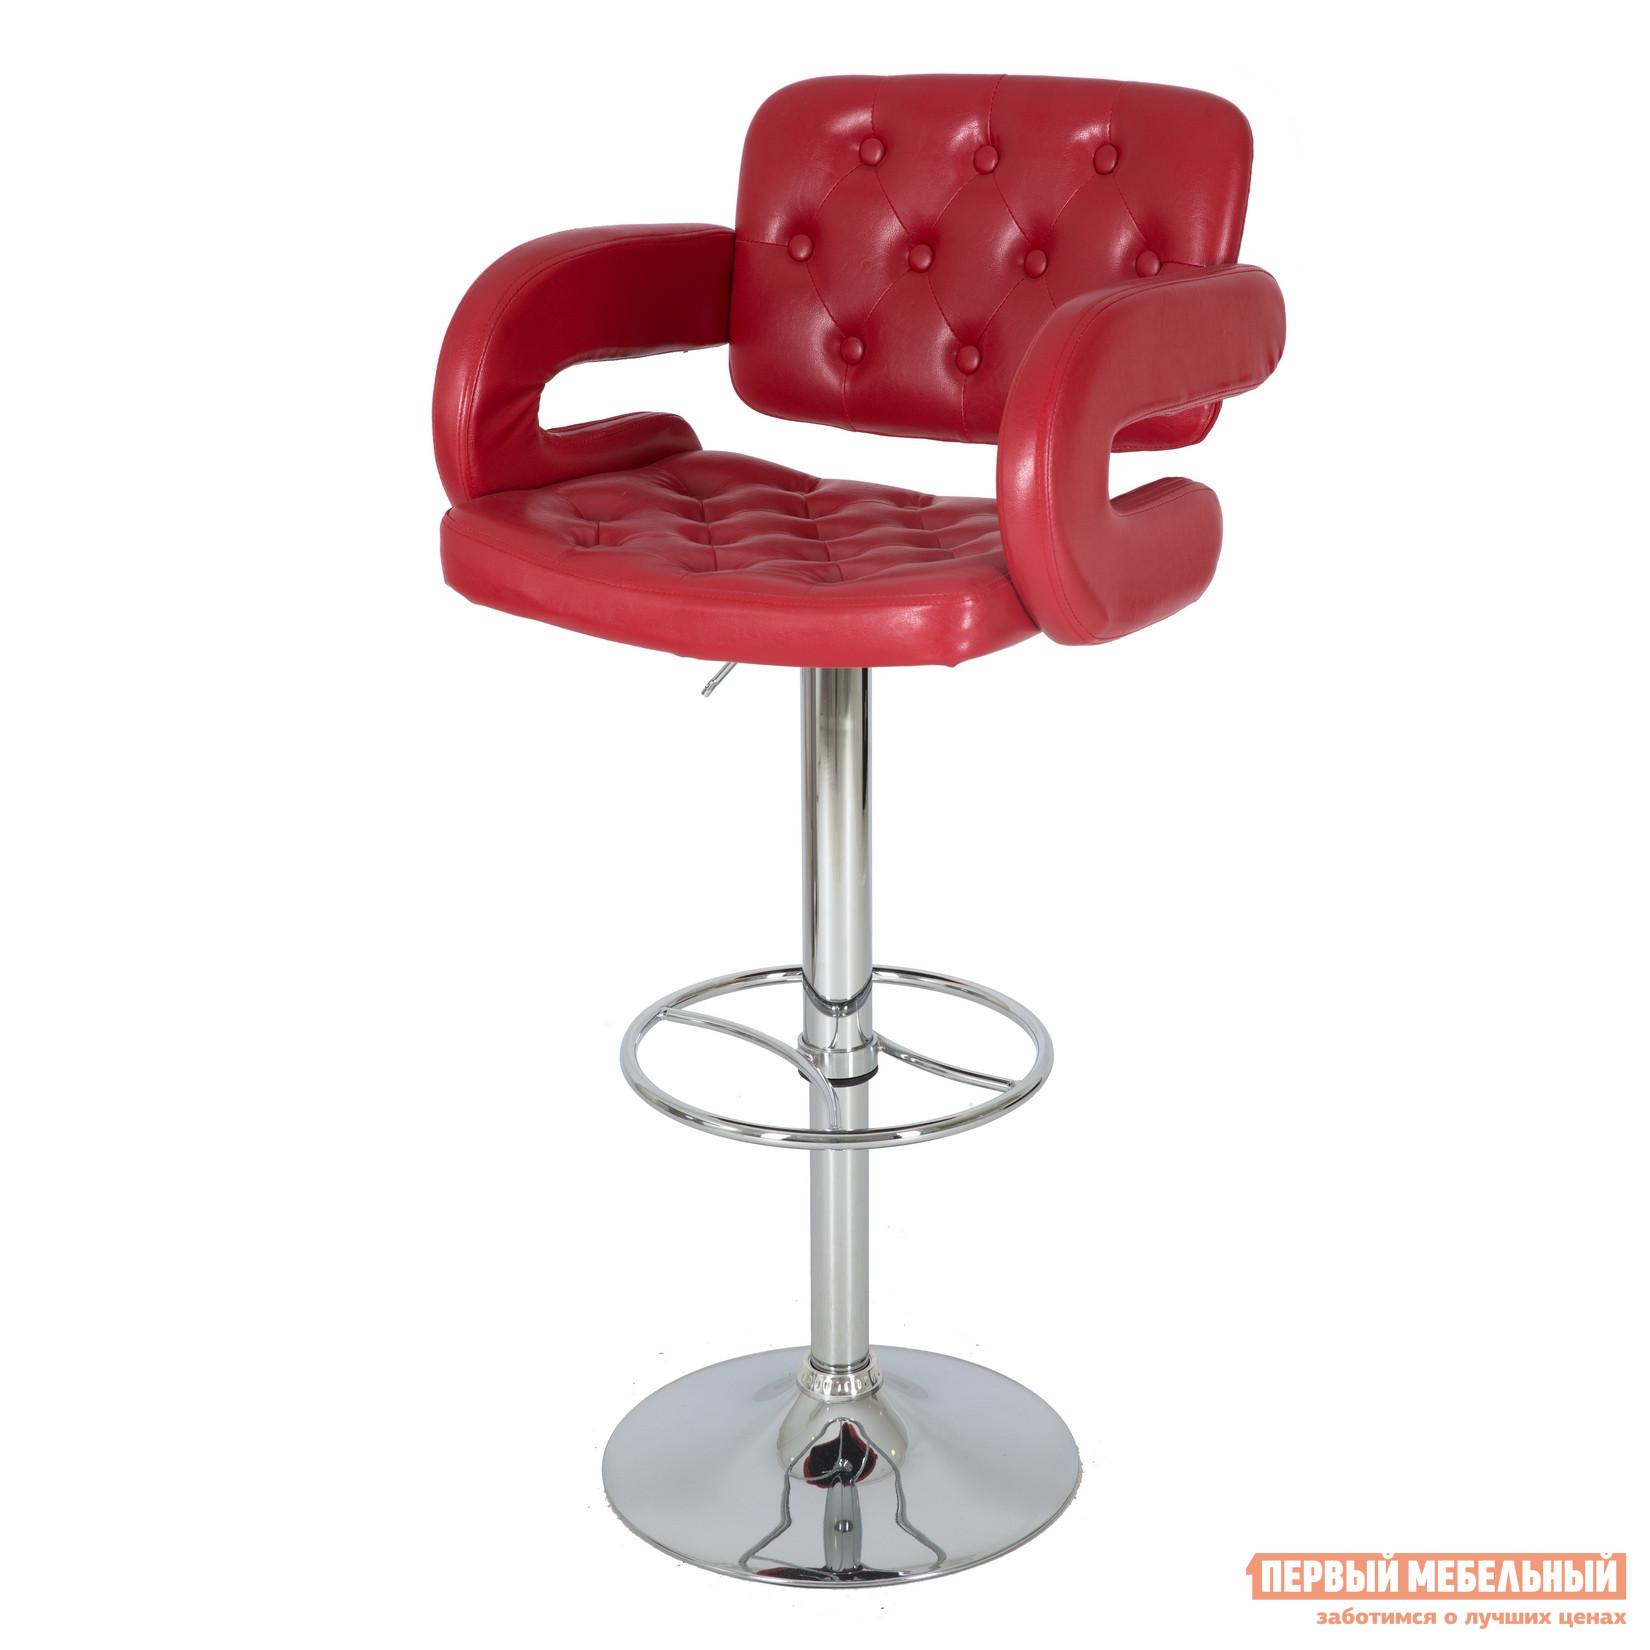 Барный стул Бентли Трейд JY-117